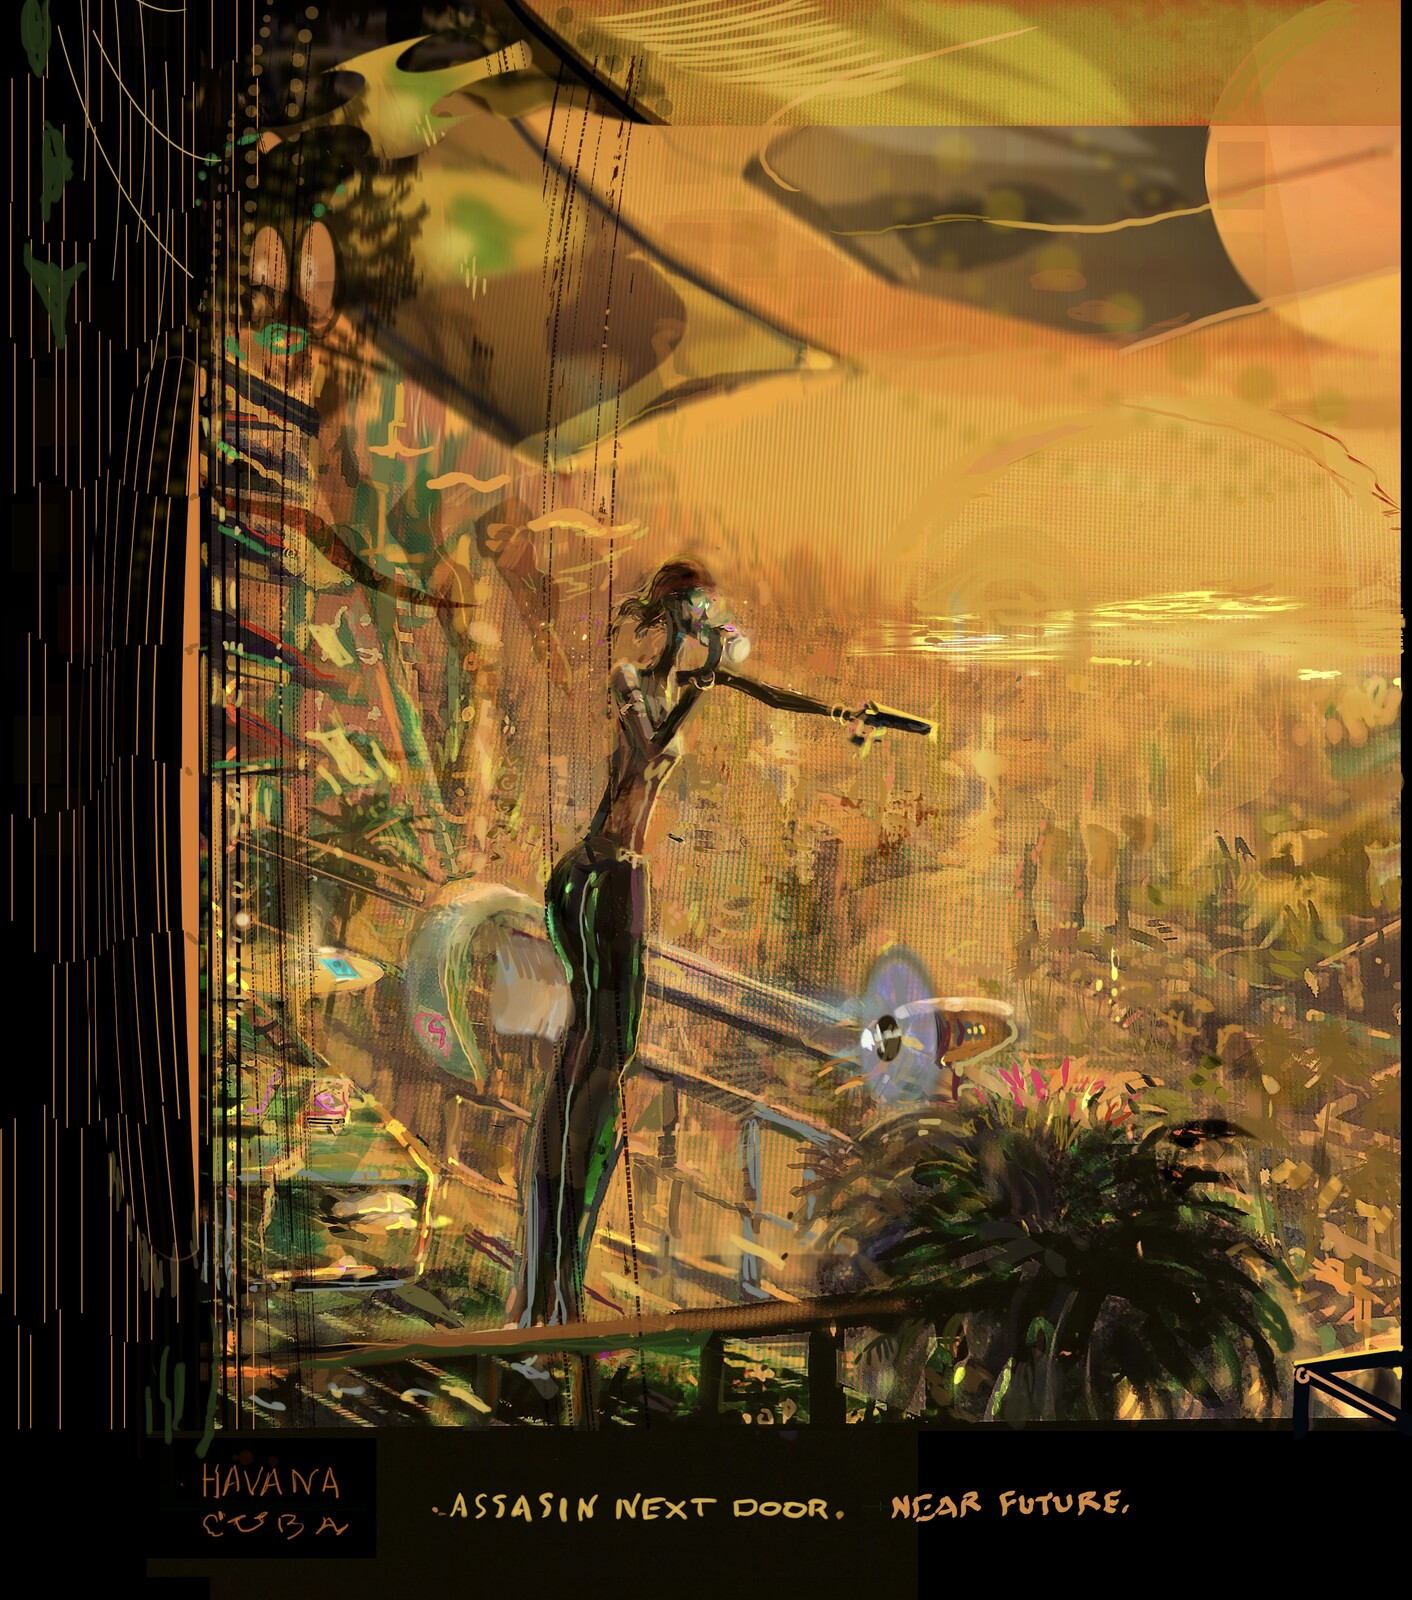 Havana StreetScene  2049. Concept sketch